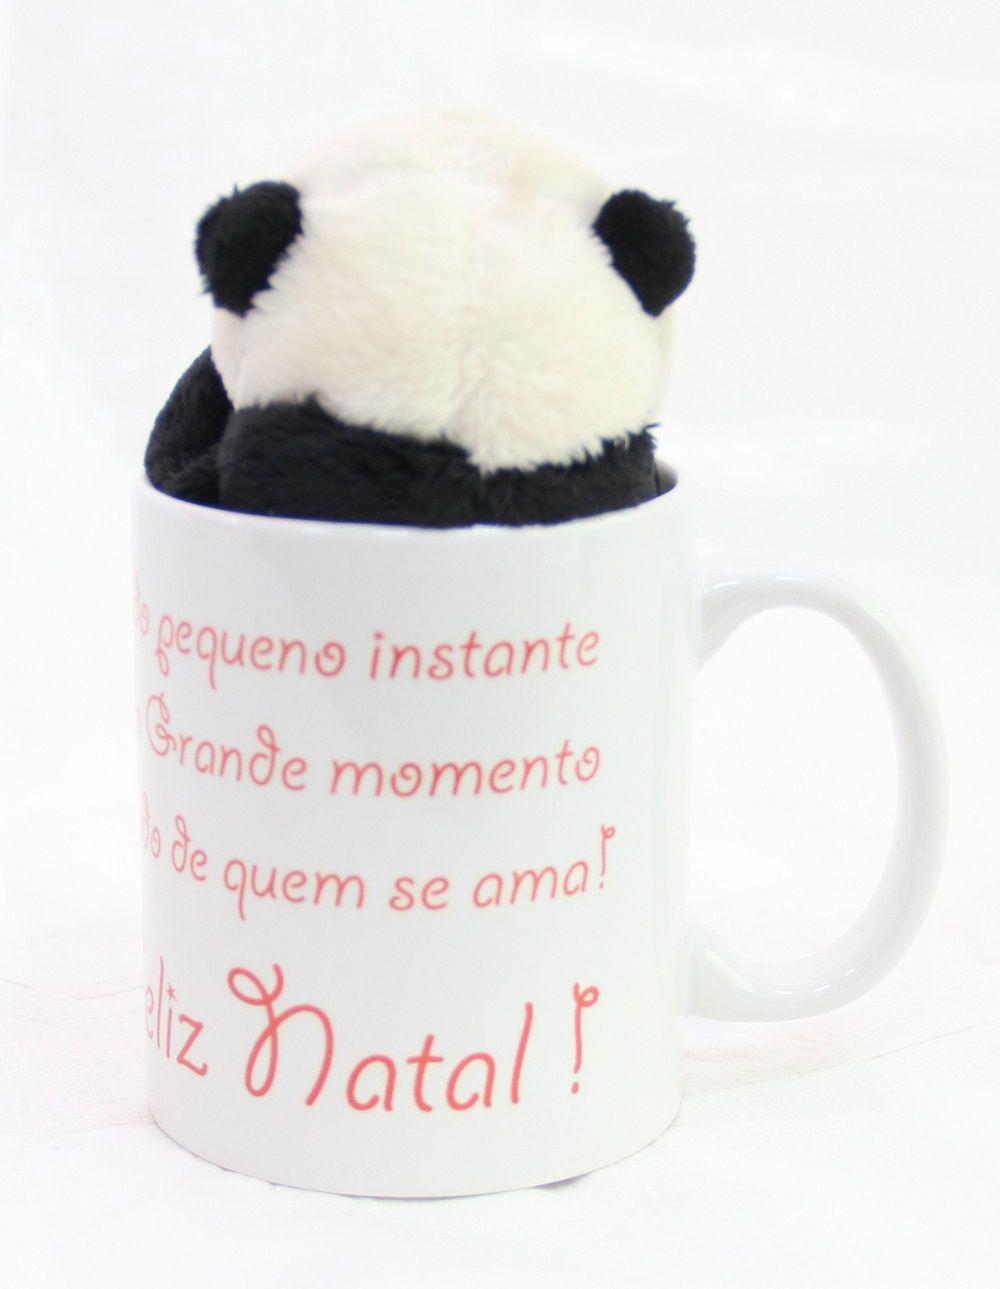 Caneca de Porcelana 330ml com Ursinho de Pelúcia Panda 15cm com a frase: Todo pequeno instante é um Grande momento ao lado de quem se ama! Feliz Natal!